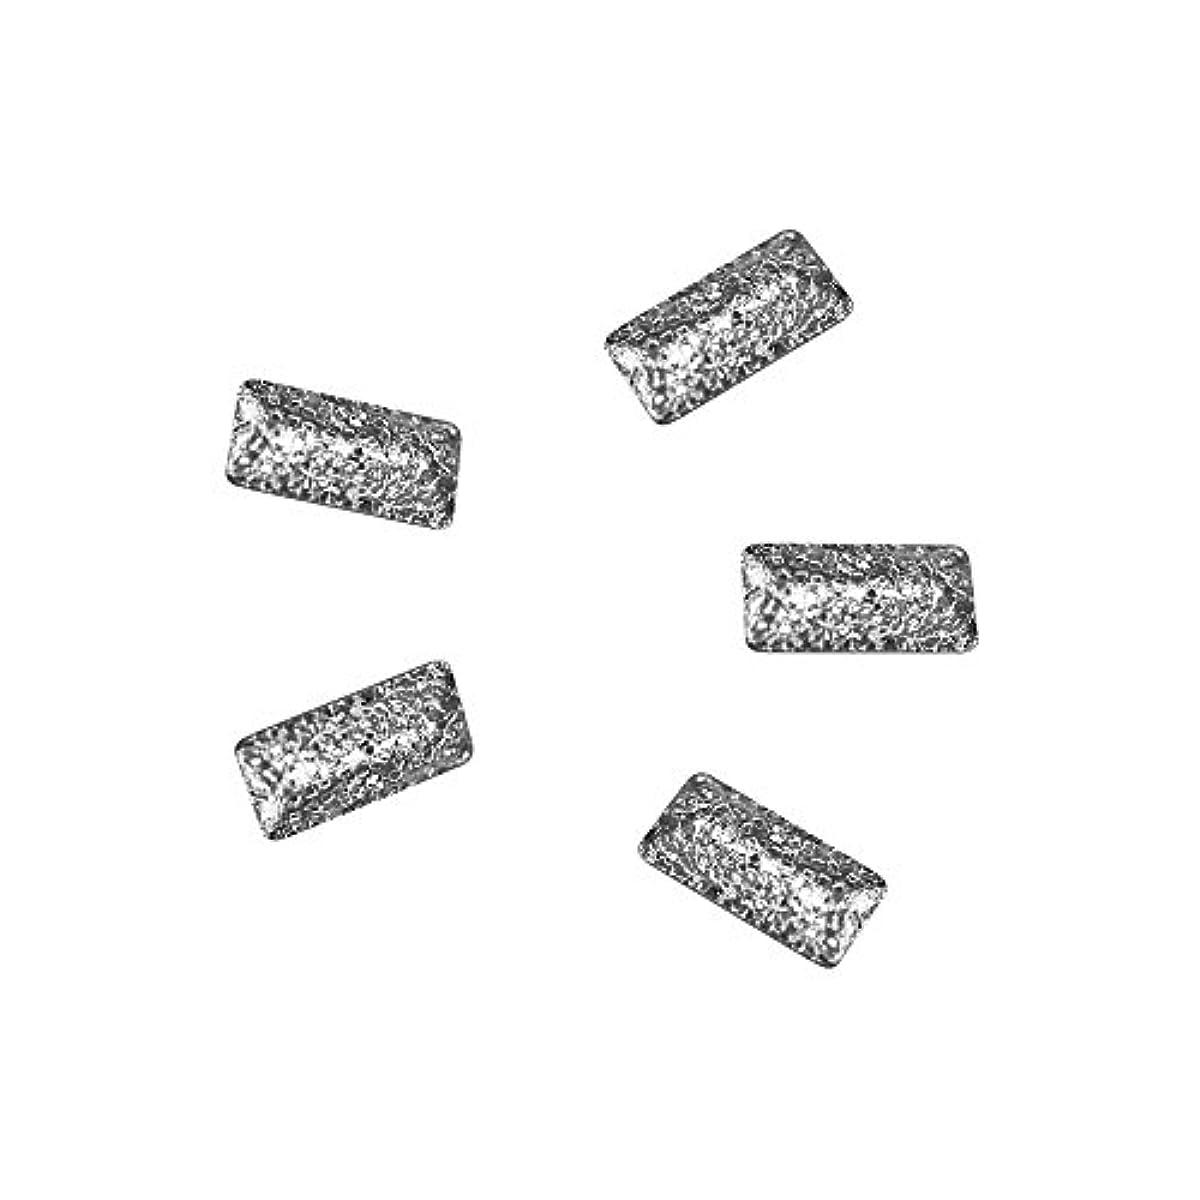 見出しアプローチフロントBonnail ラフスタッズシルバー レクタングル3×1.2mm